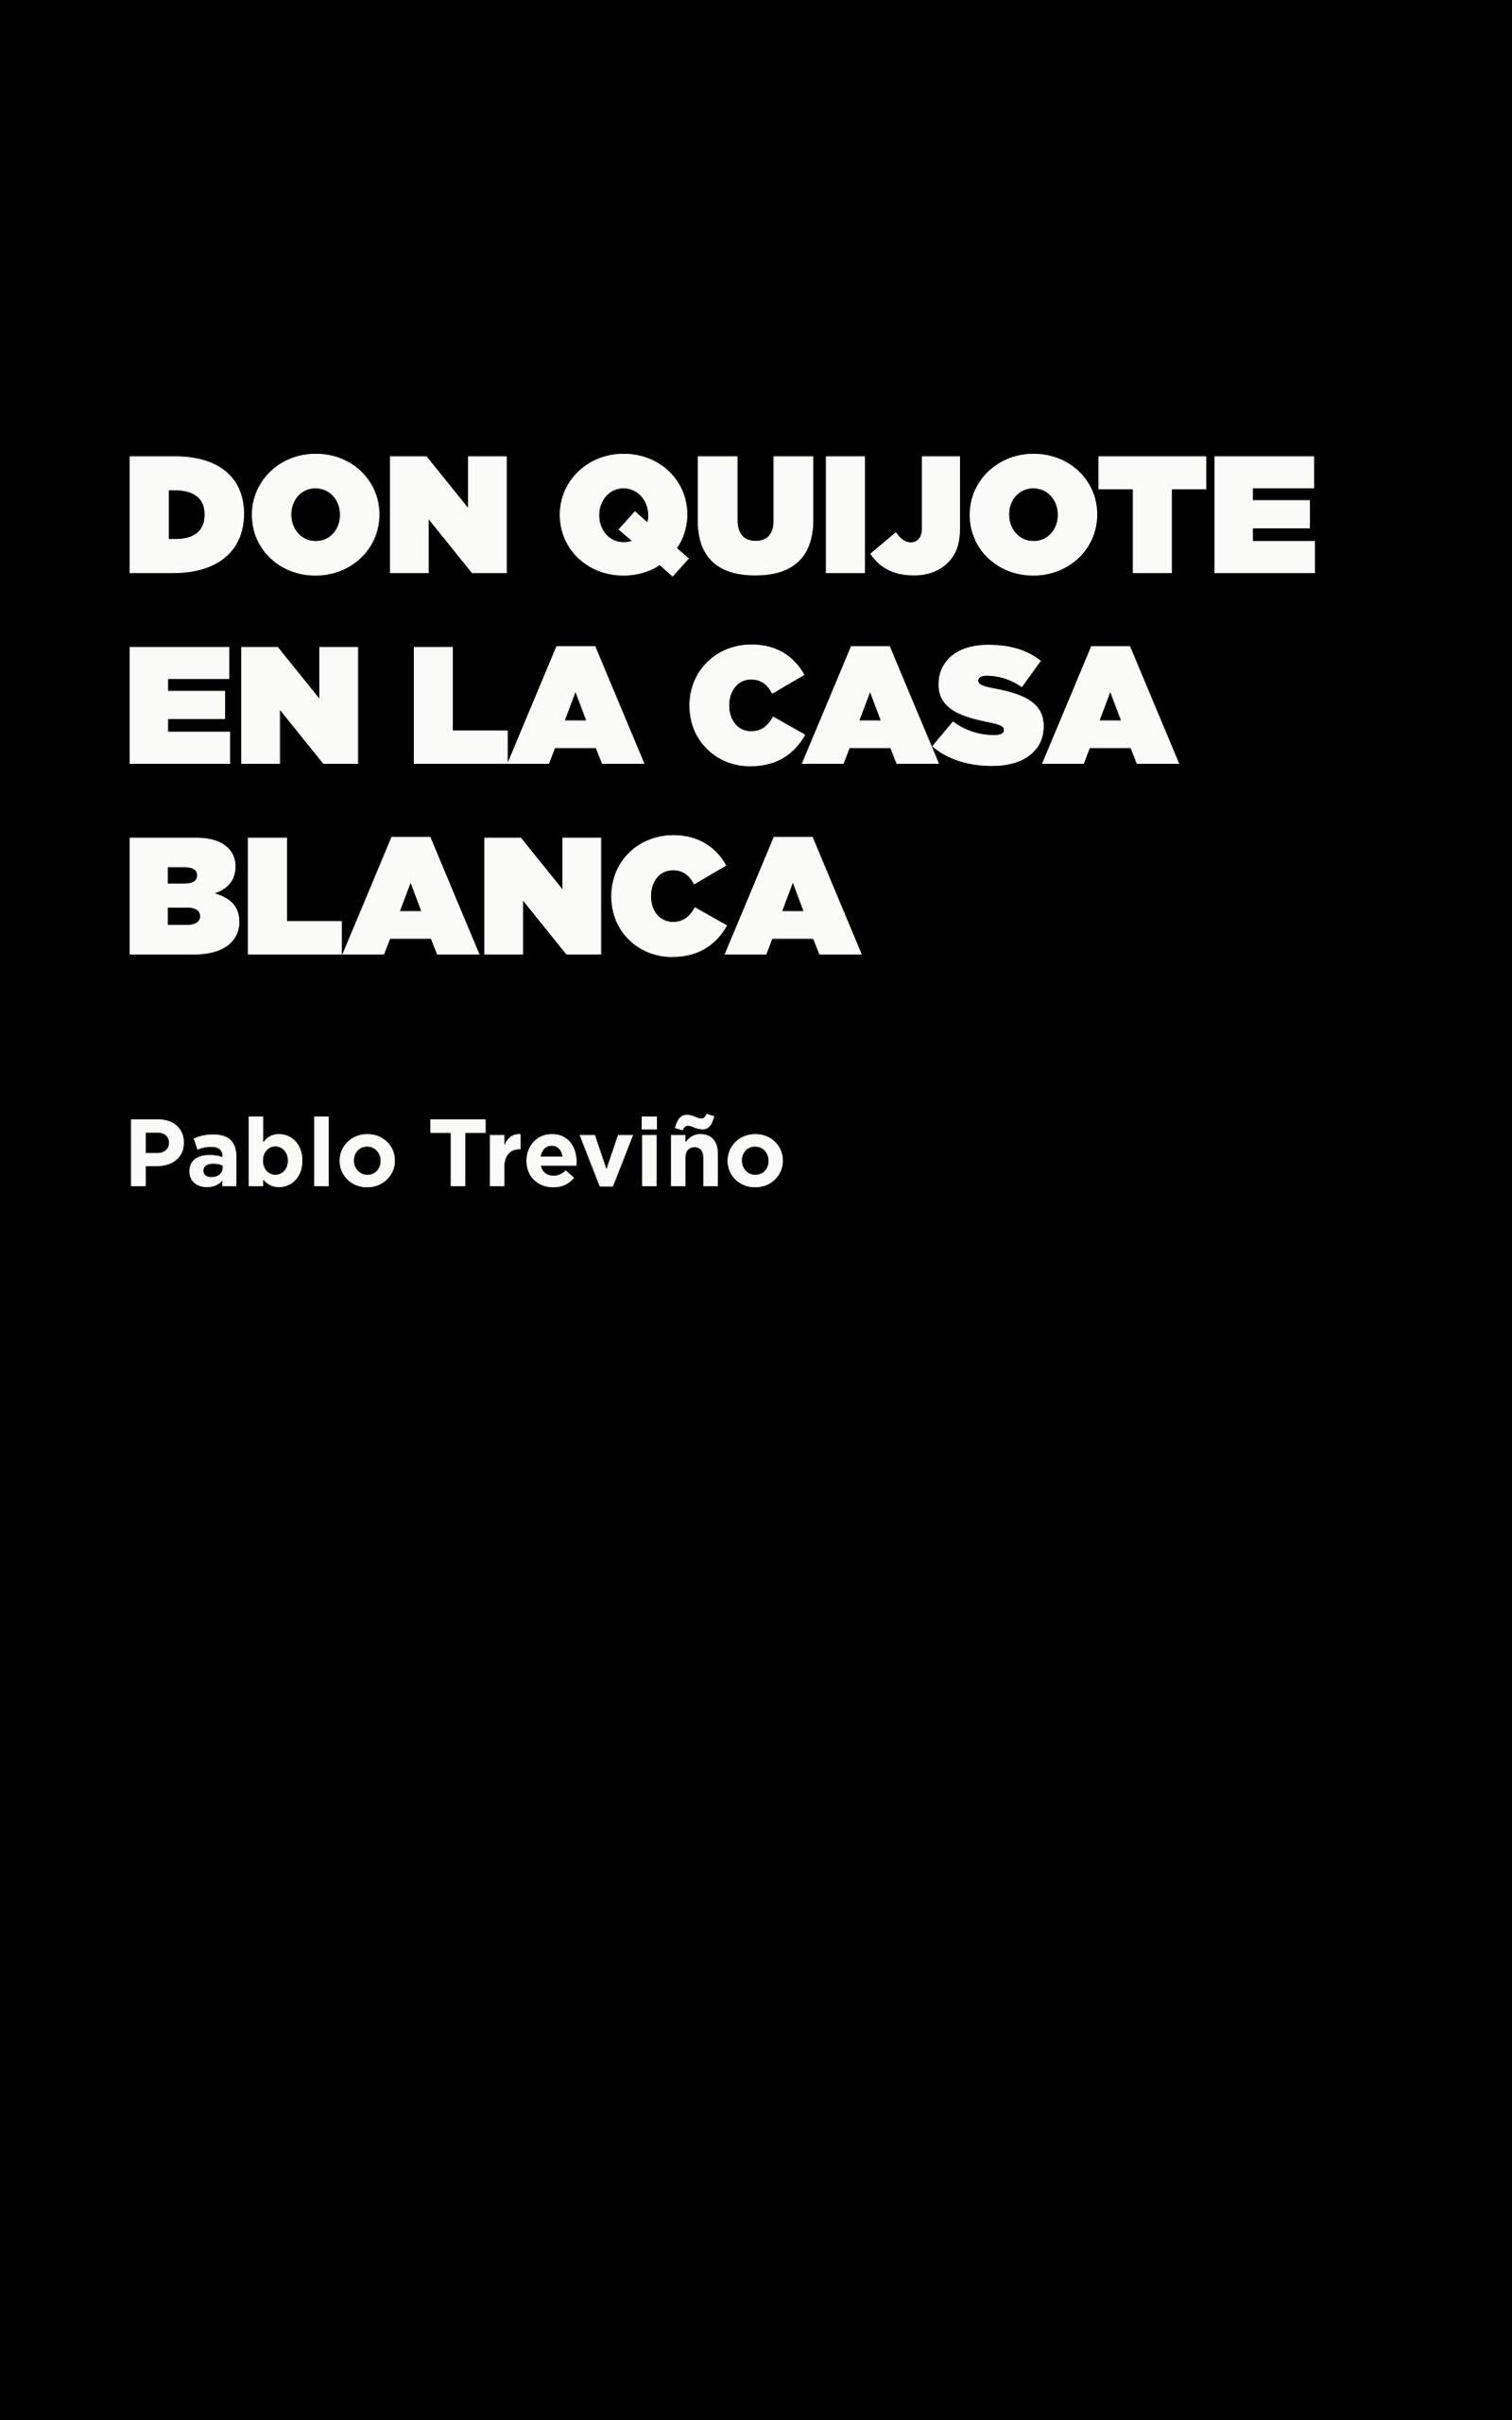 Don Quijote en la Casablanca, de Pablo Treviño